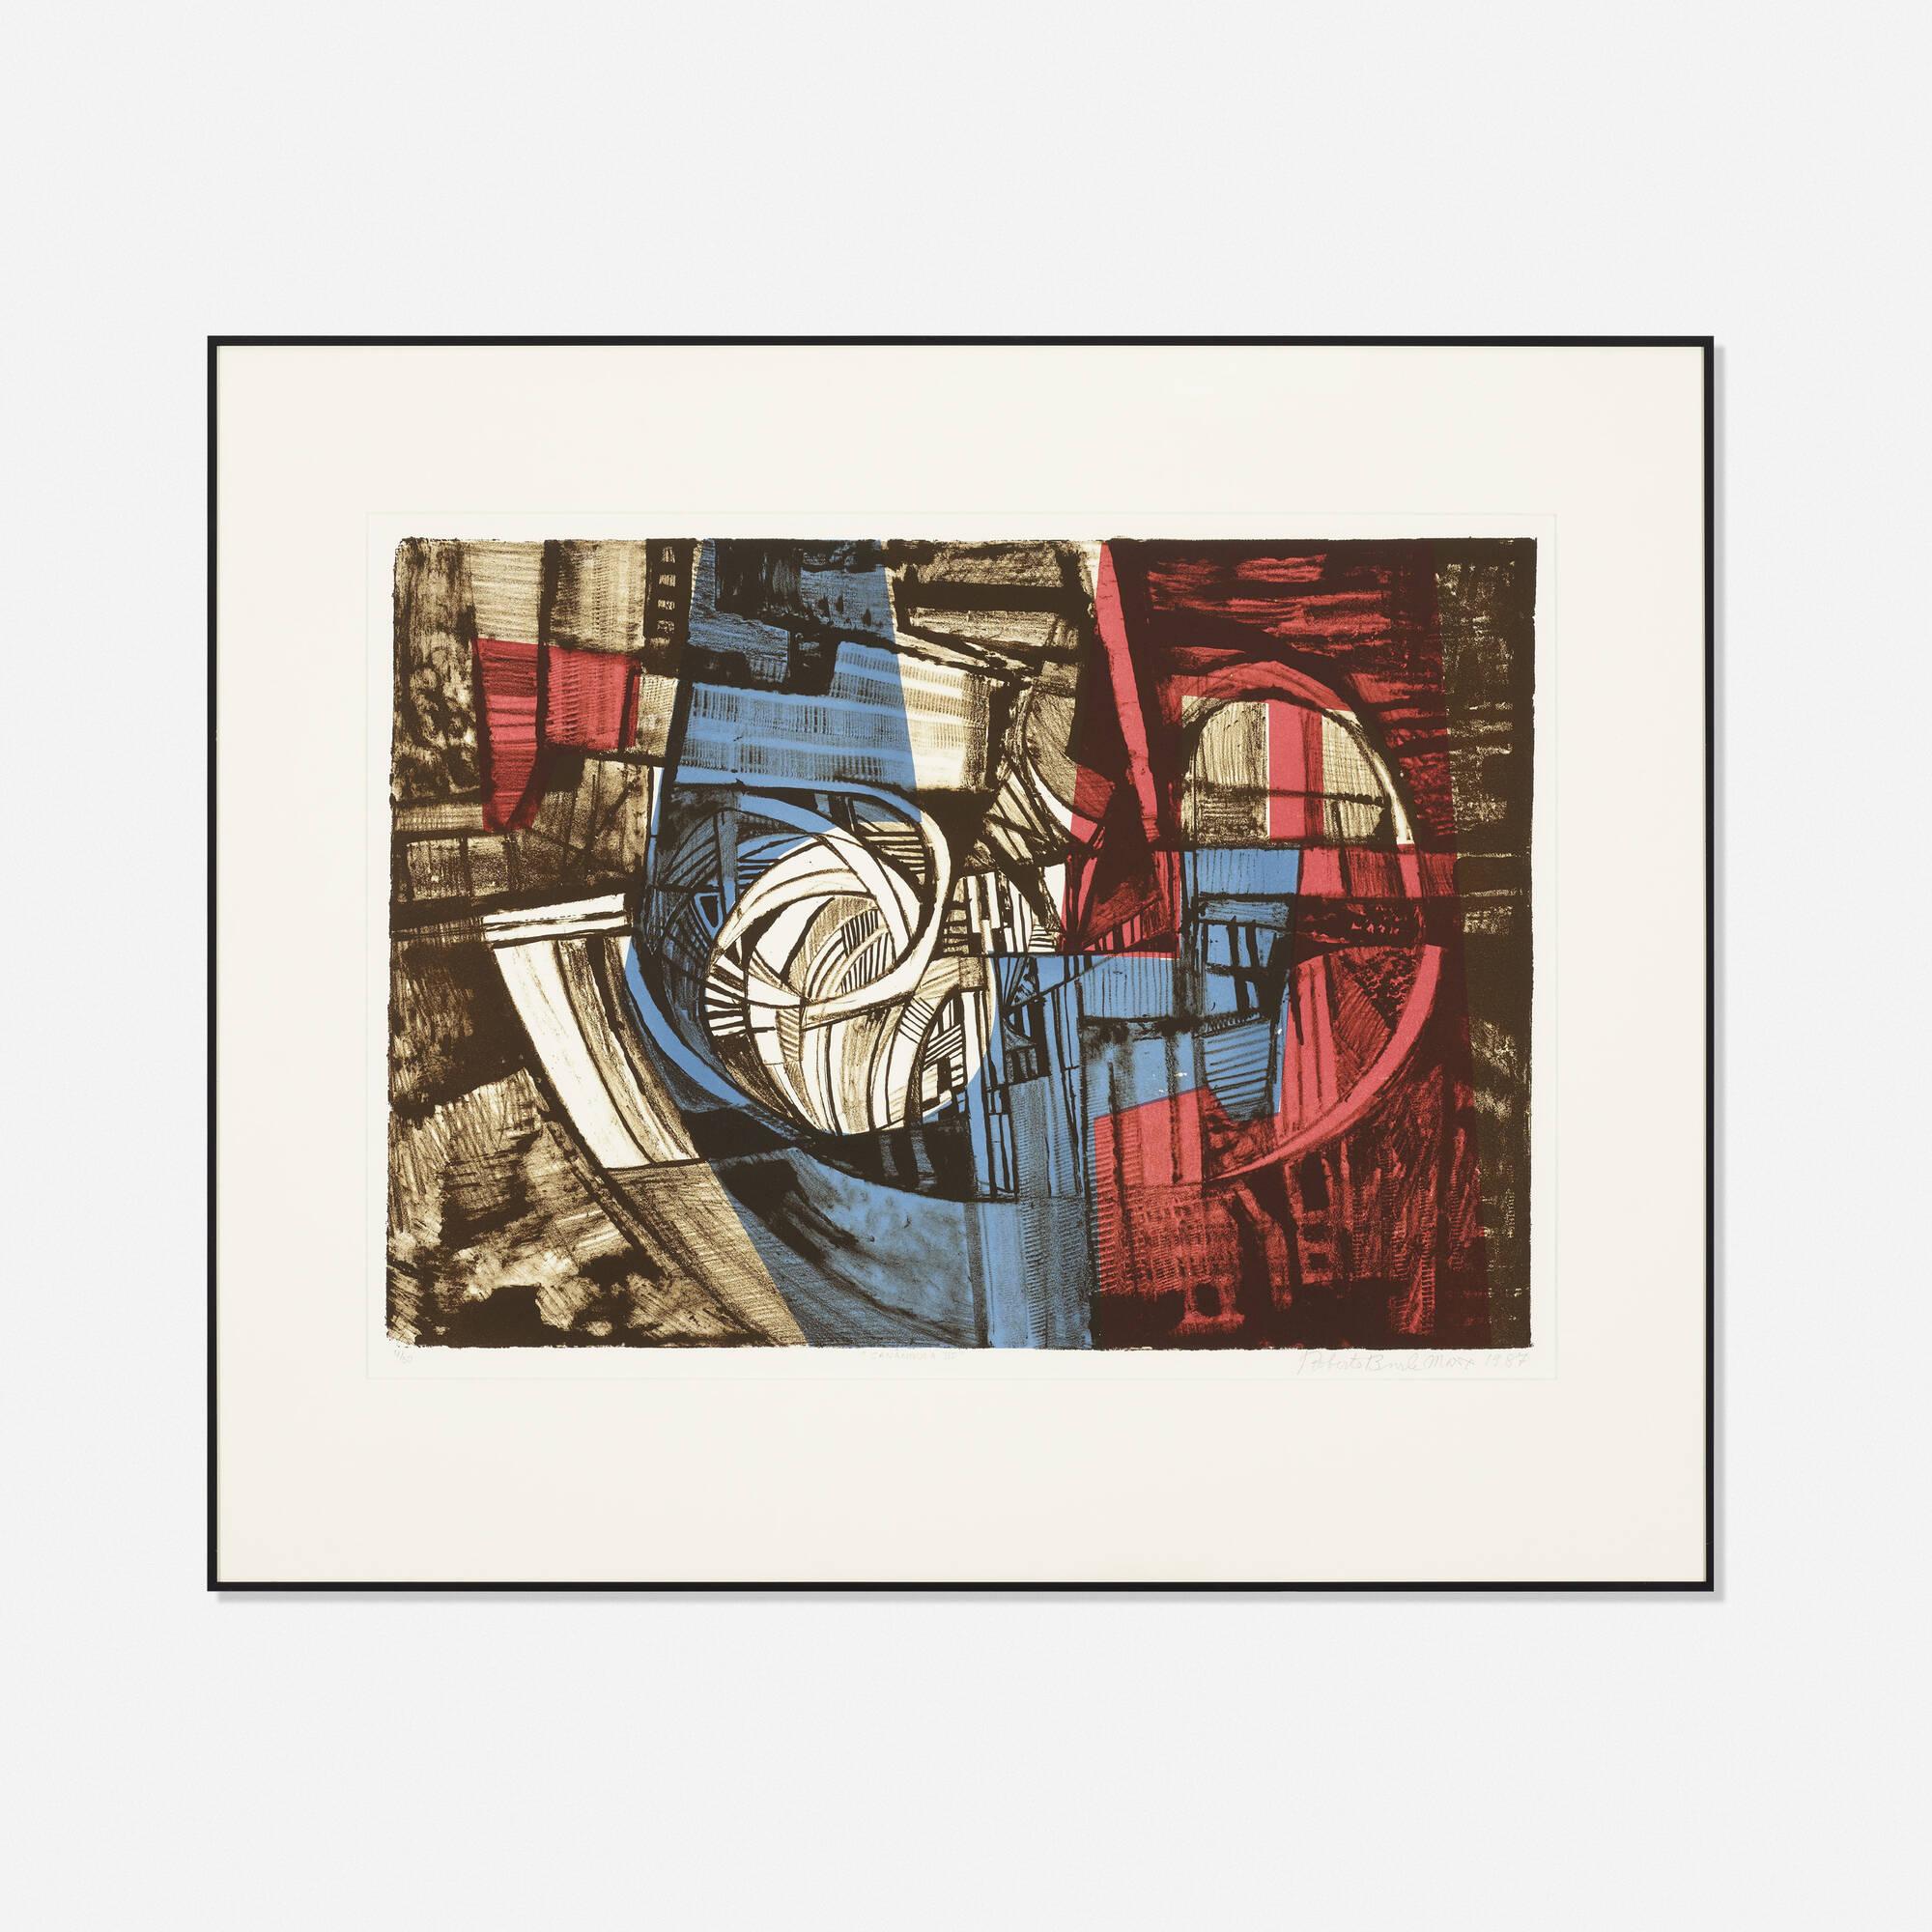 212: Roberto Burle Marx / Canangula III (1 of 1)